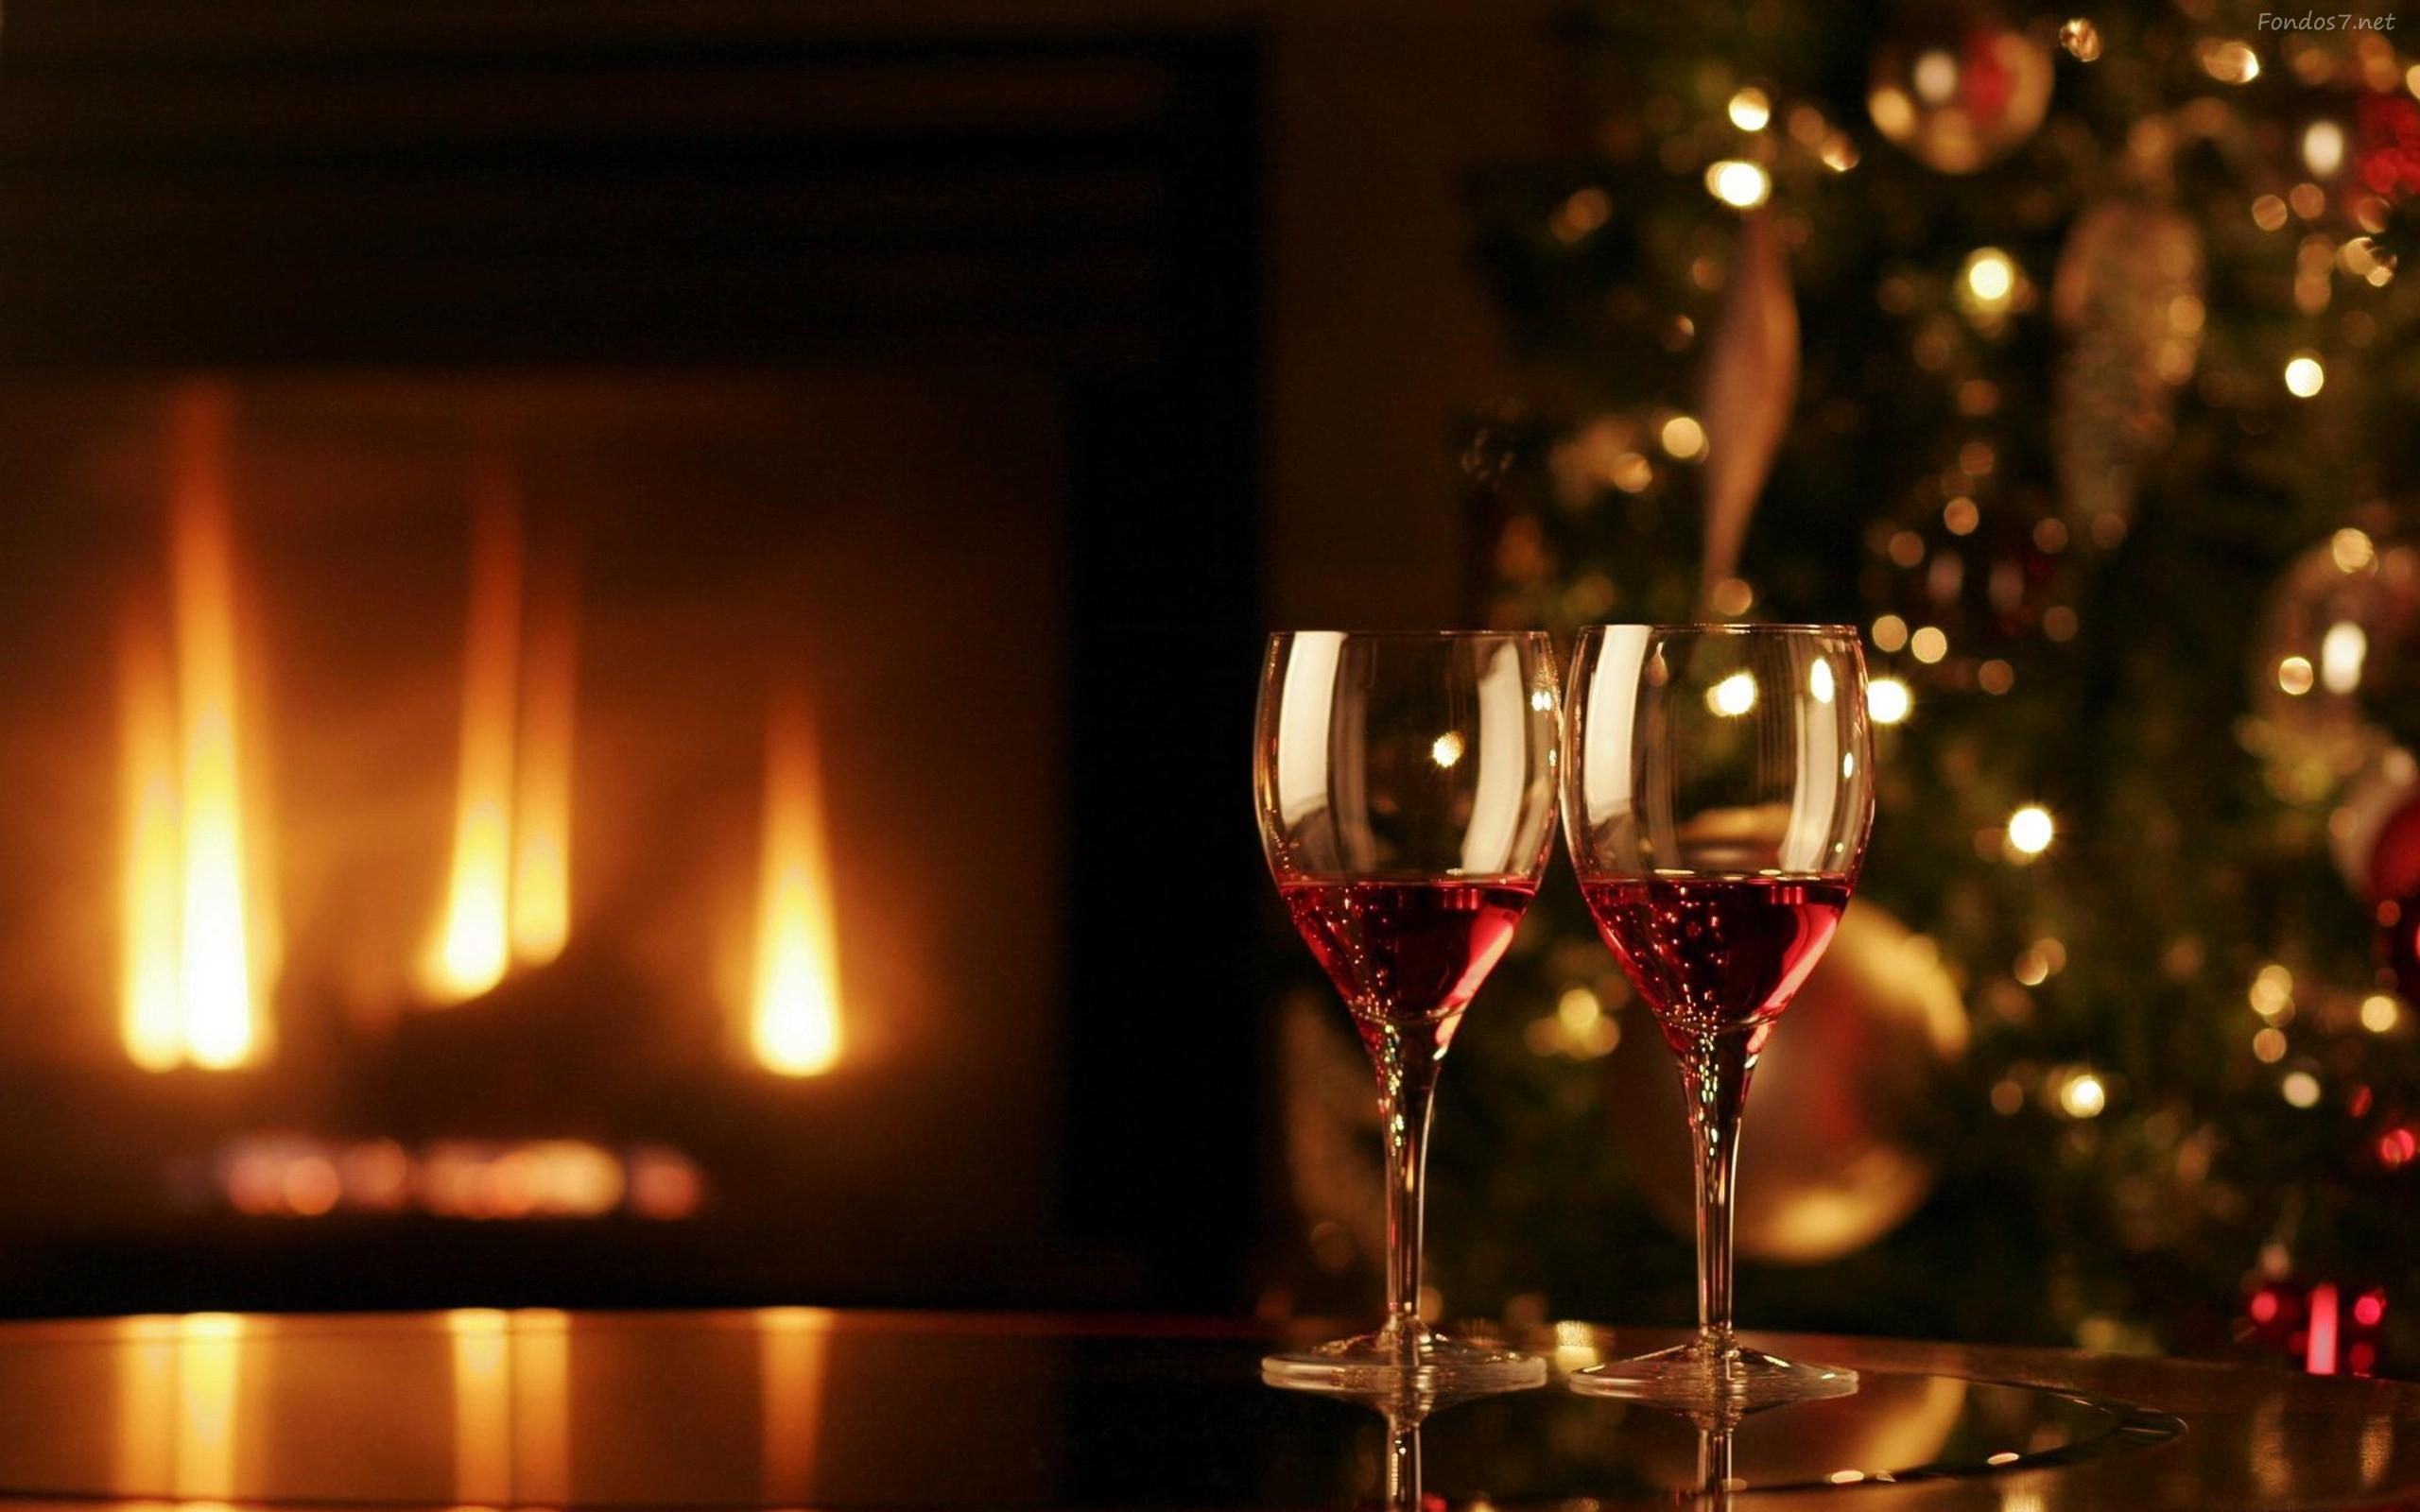 cena-romantica-navidad-8633